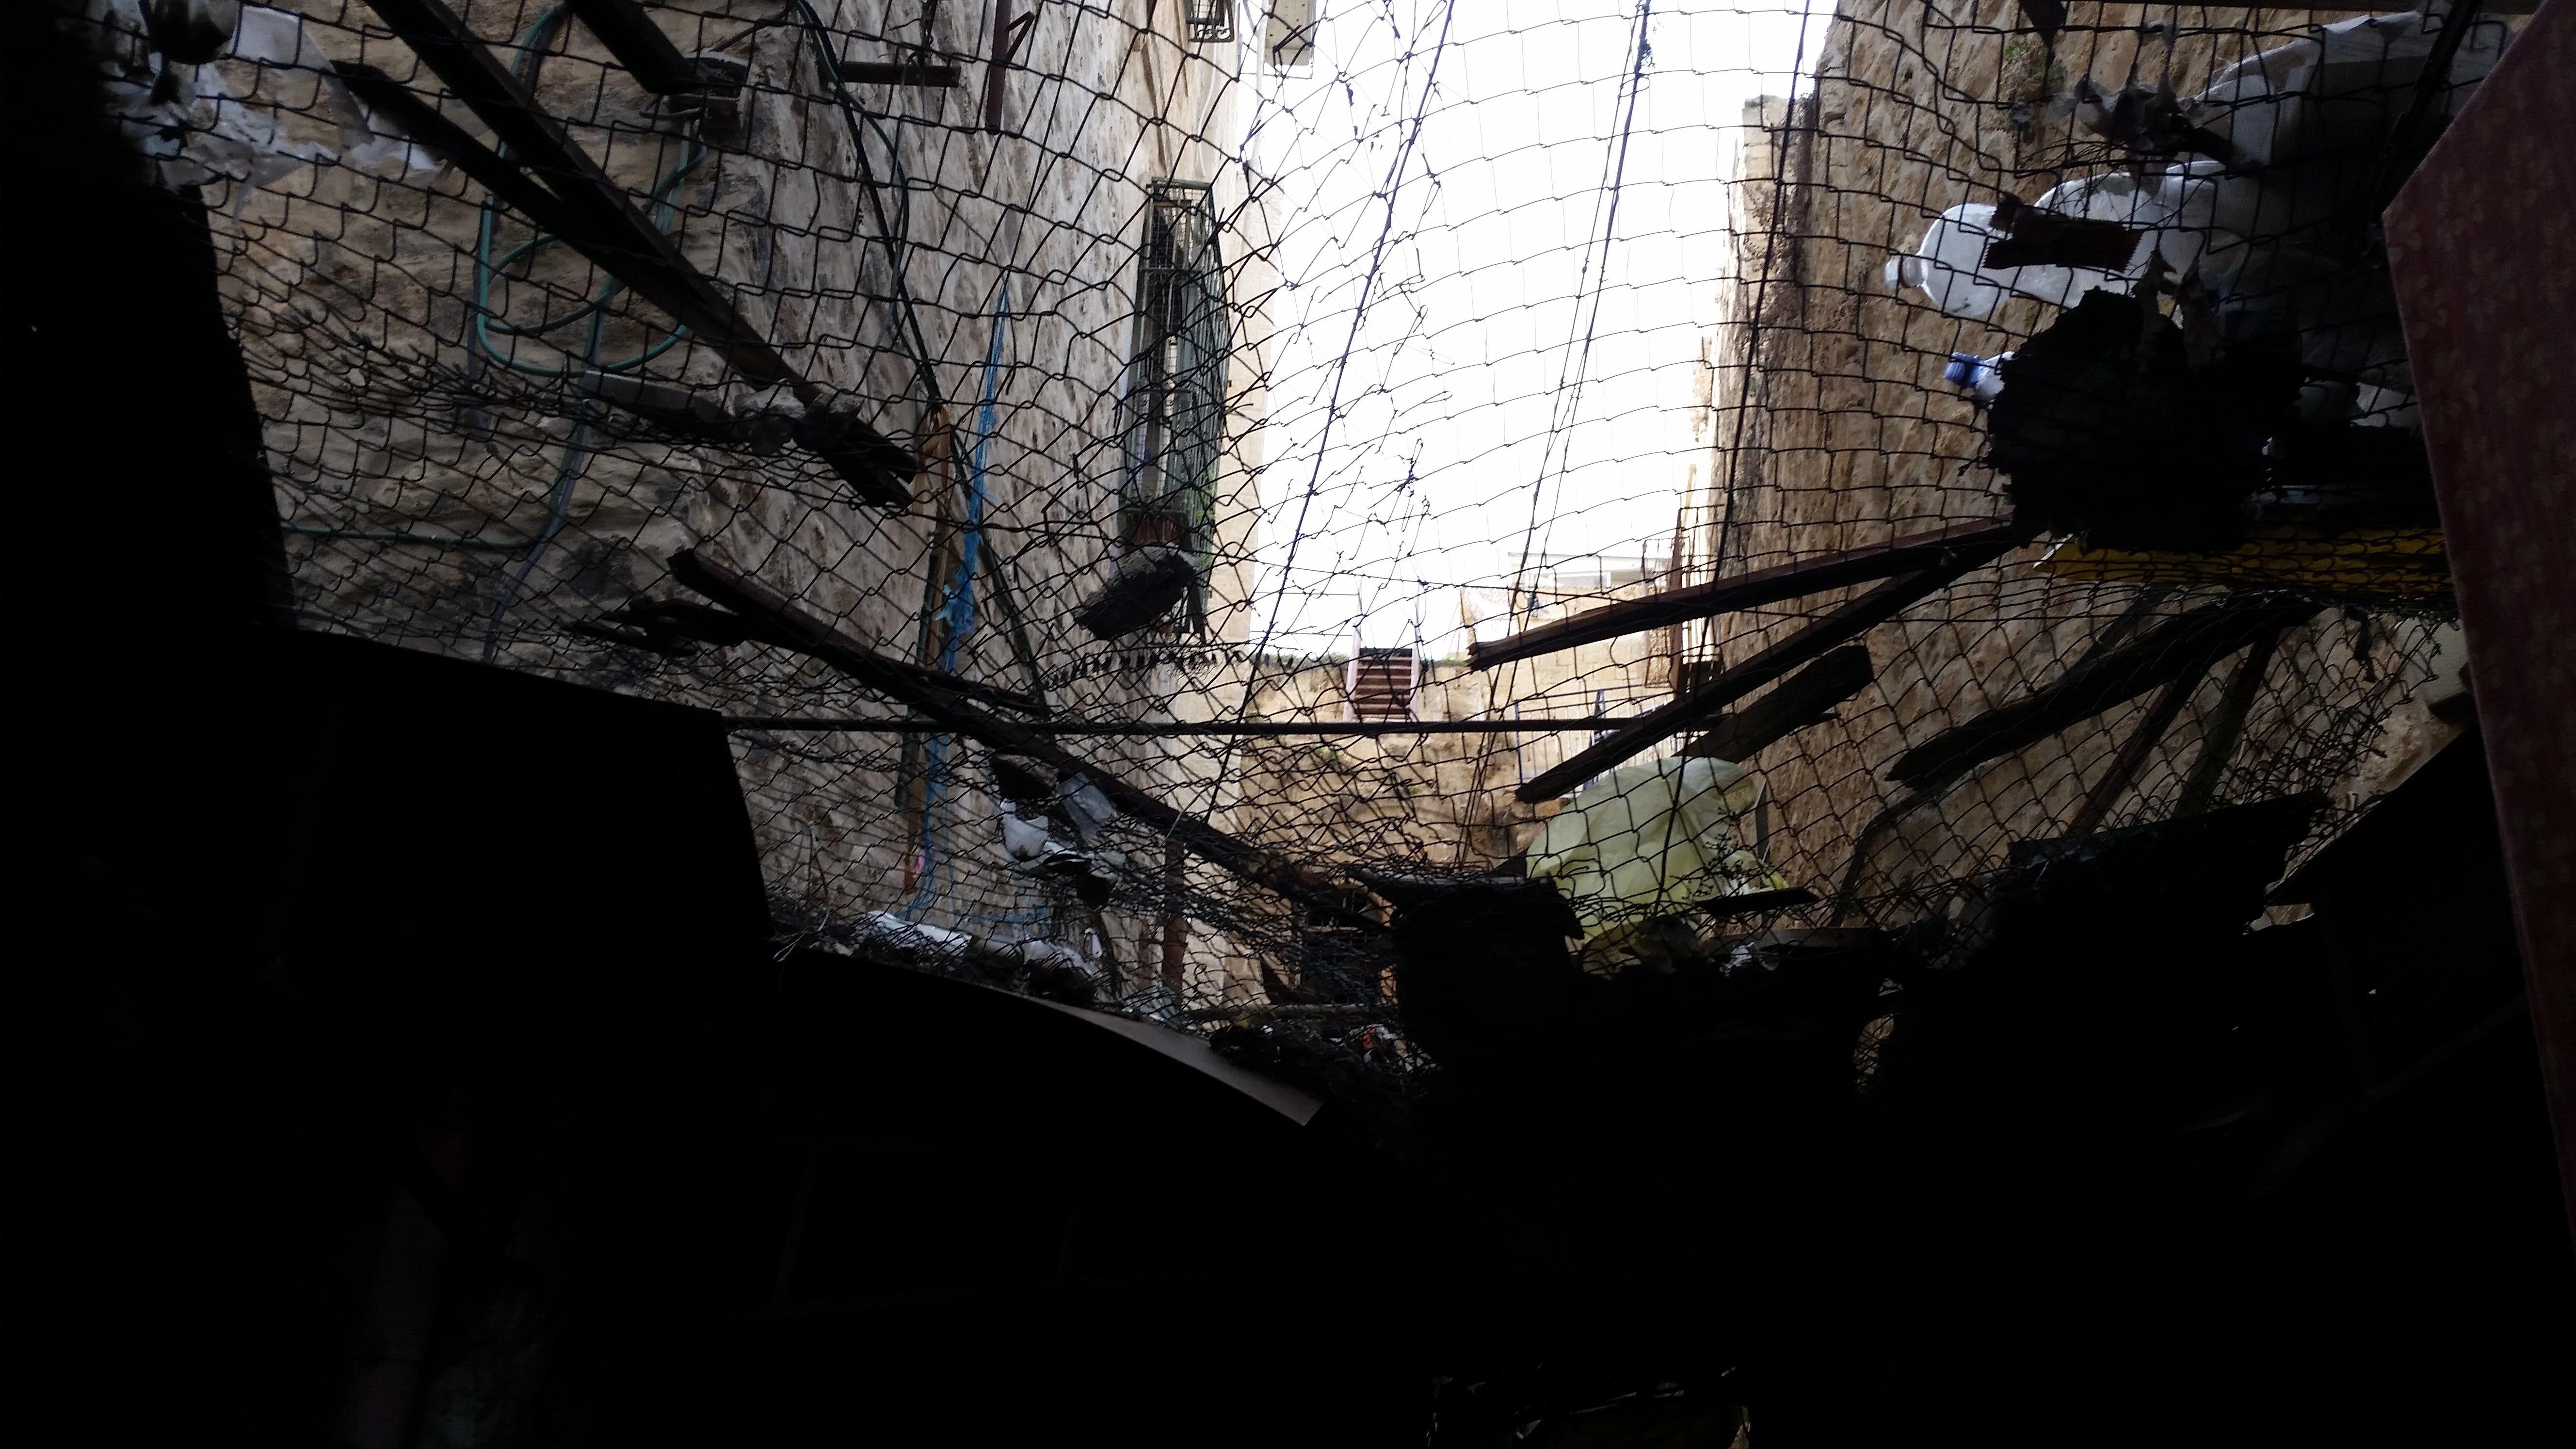 A még működő palesztin piac részen, háló az utca felett, hogy megvédje őket a fejükre hulló szeméttől, amit néhány izraeli lakos dobál ki az épületek ablakán.<br />